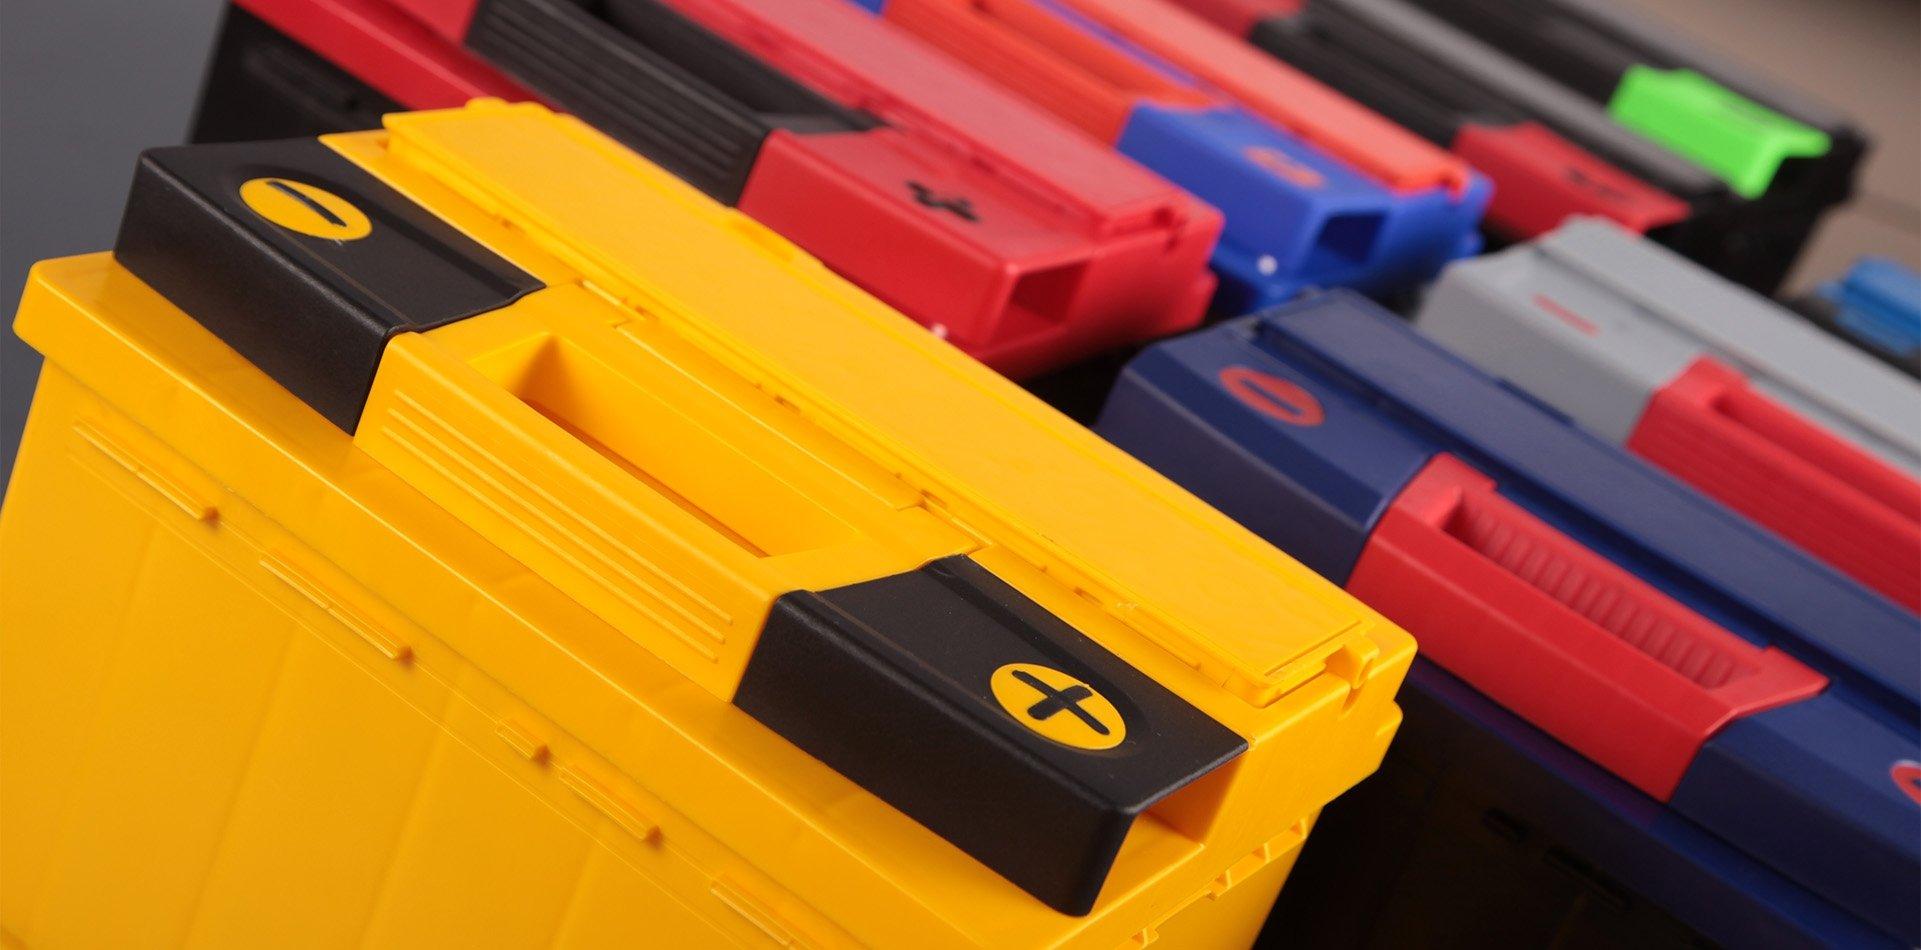 تنوع رنگی محصولات